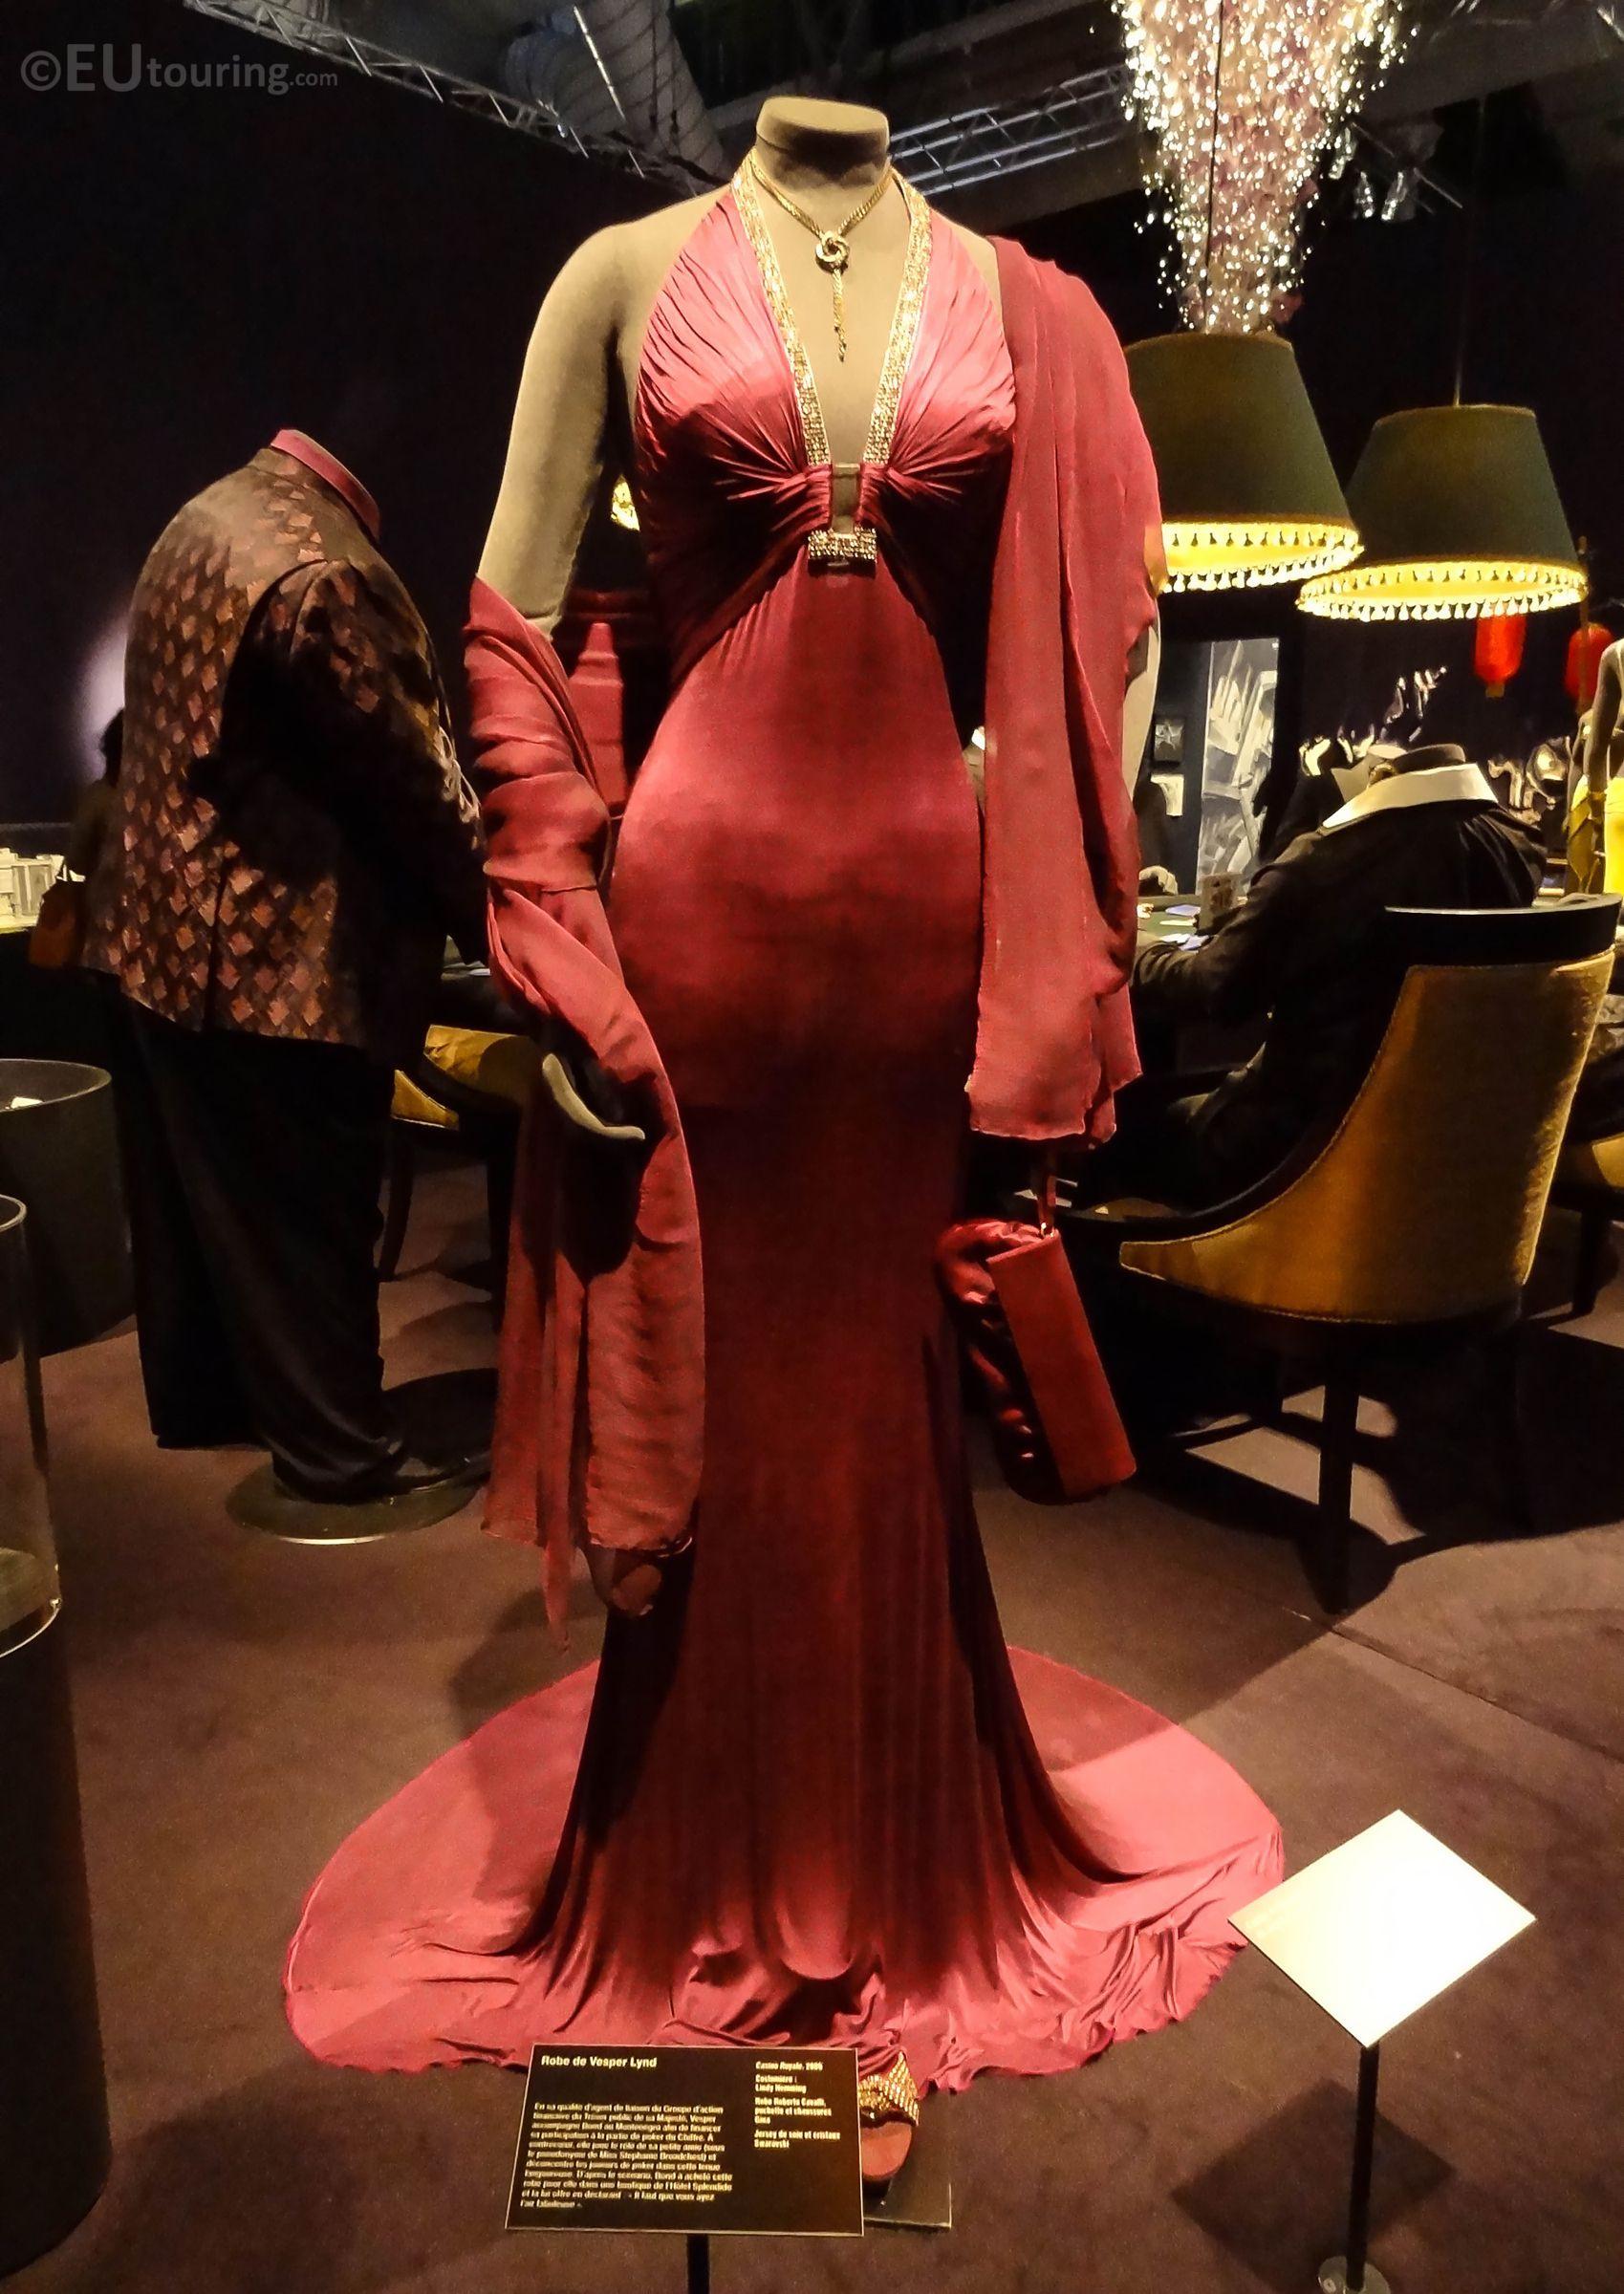 Designer Leicht Abendkleid James Bond Galerie20 Elegant Abendkleid James Bond Vertrieb